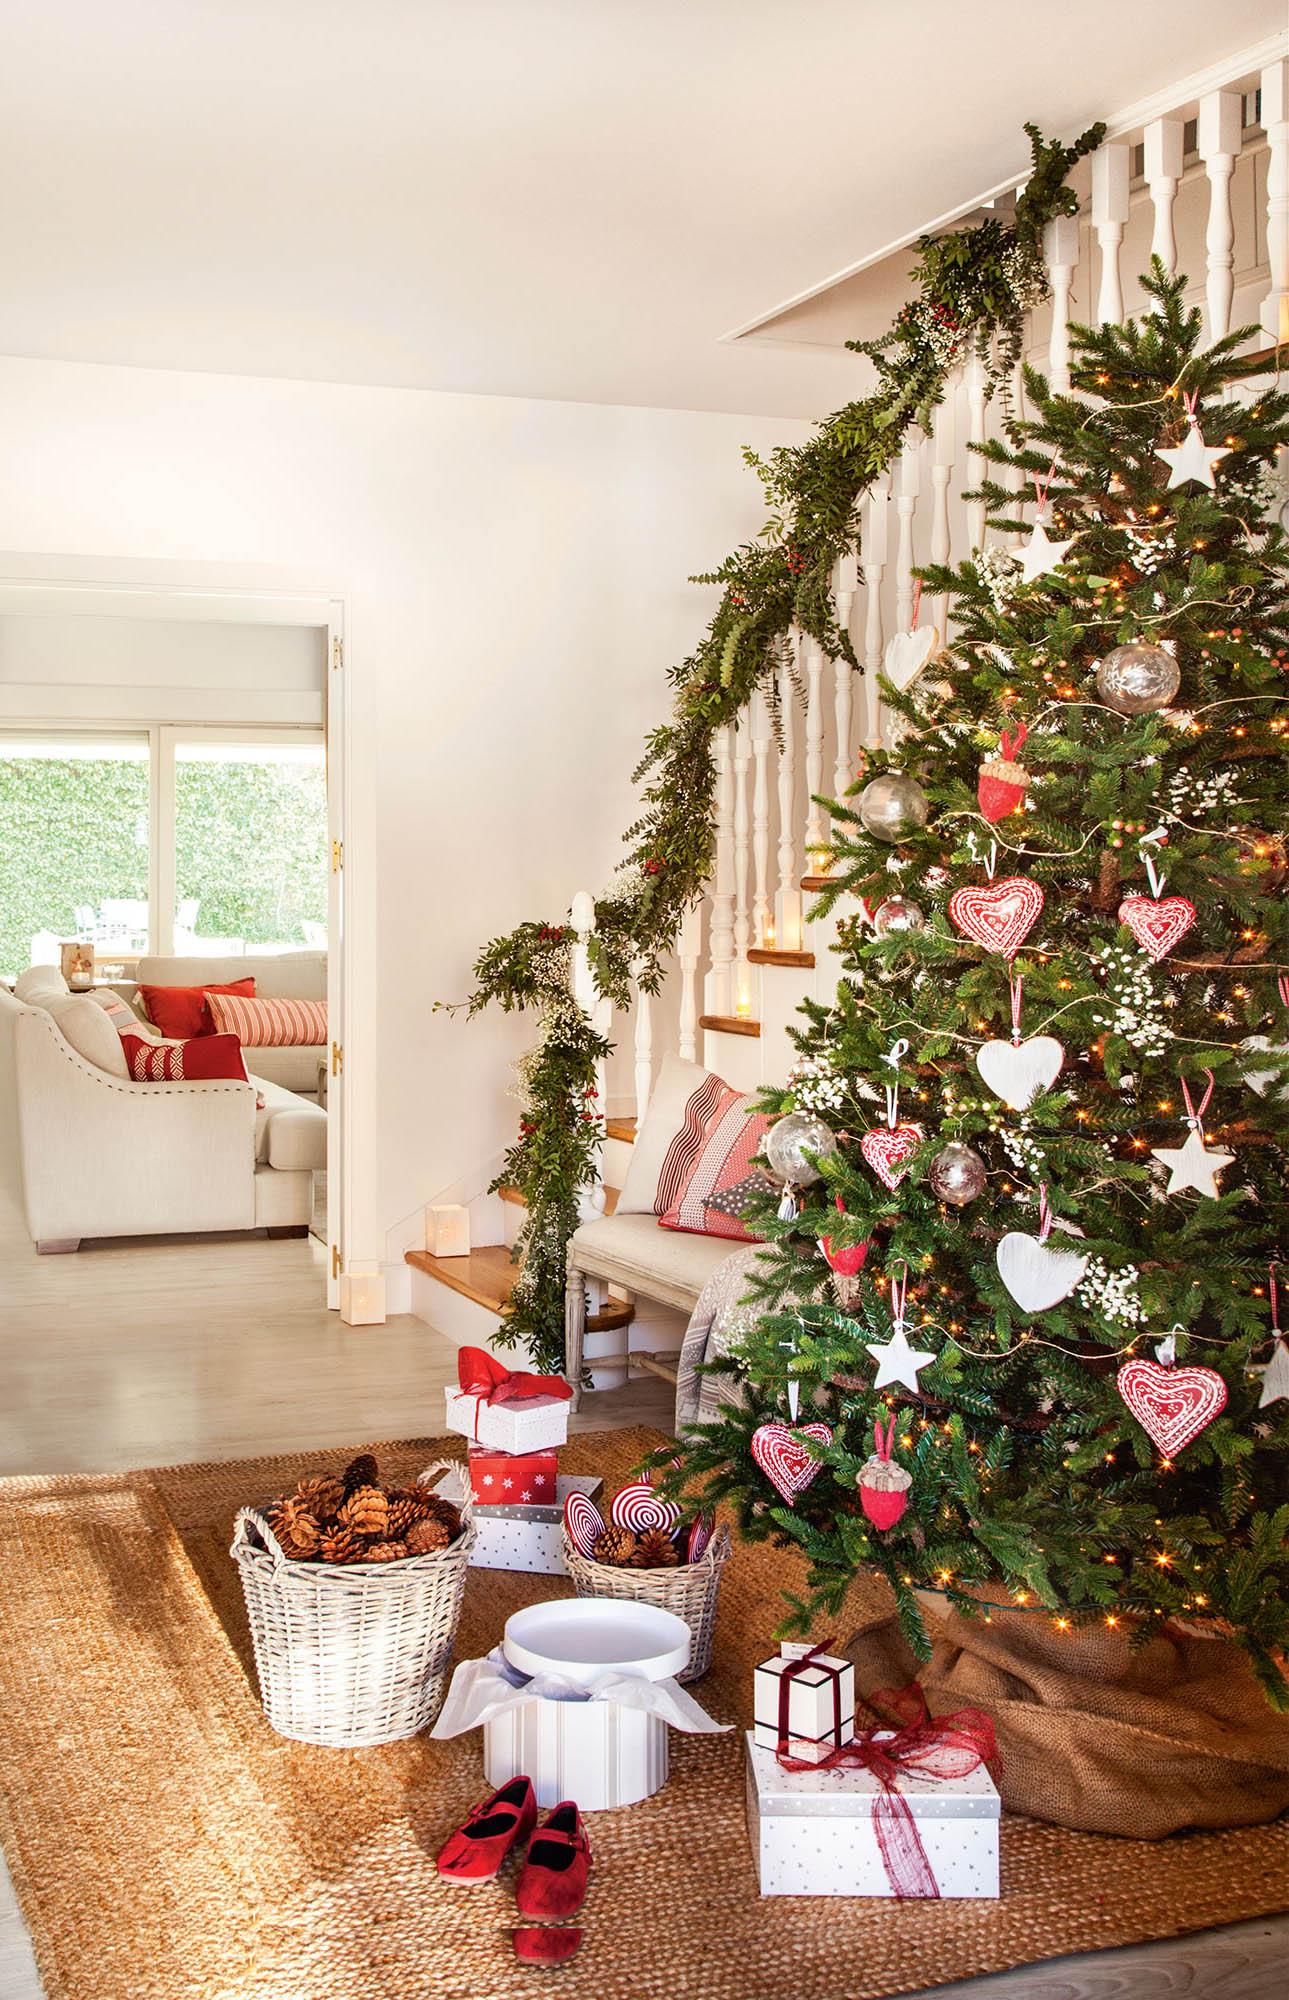 recibidor con vistas al saln decorado de navidad con un gran rbol con adornos en rojo